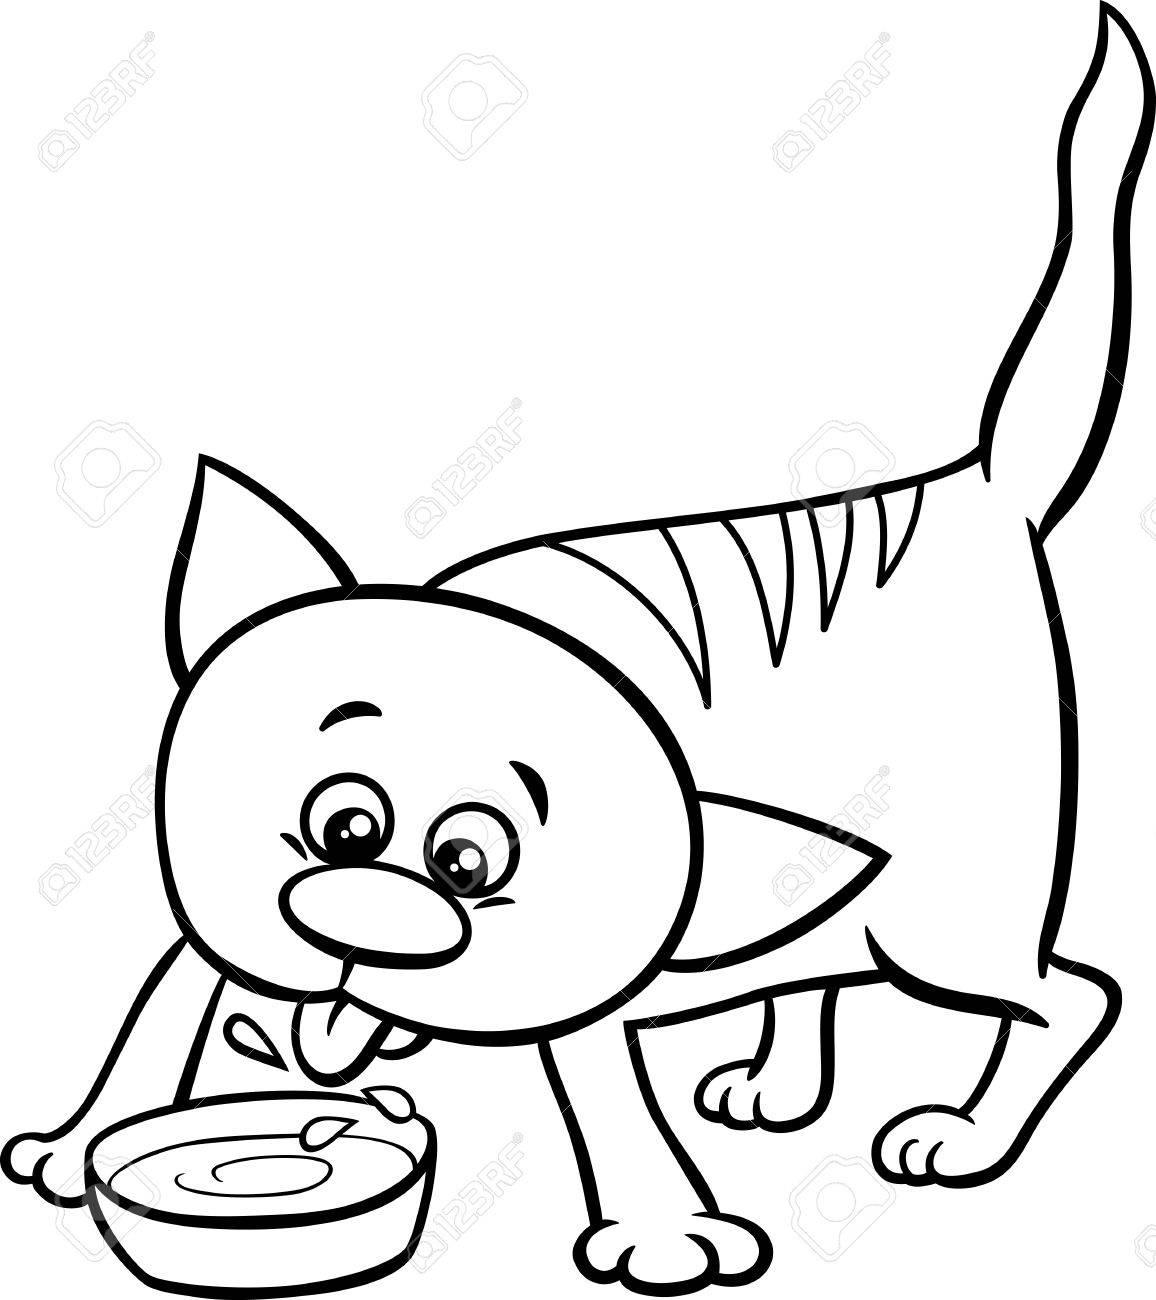 Animados Blanco Y Negro Ilustración De Gato O Gatito Animal Carácter ...